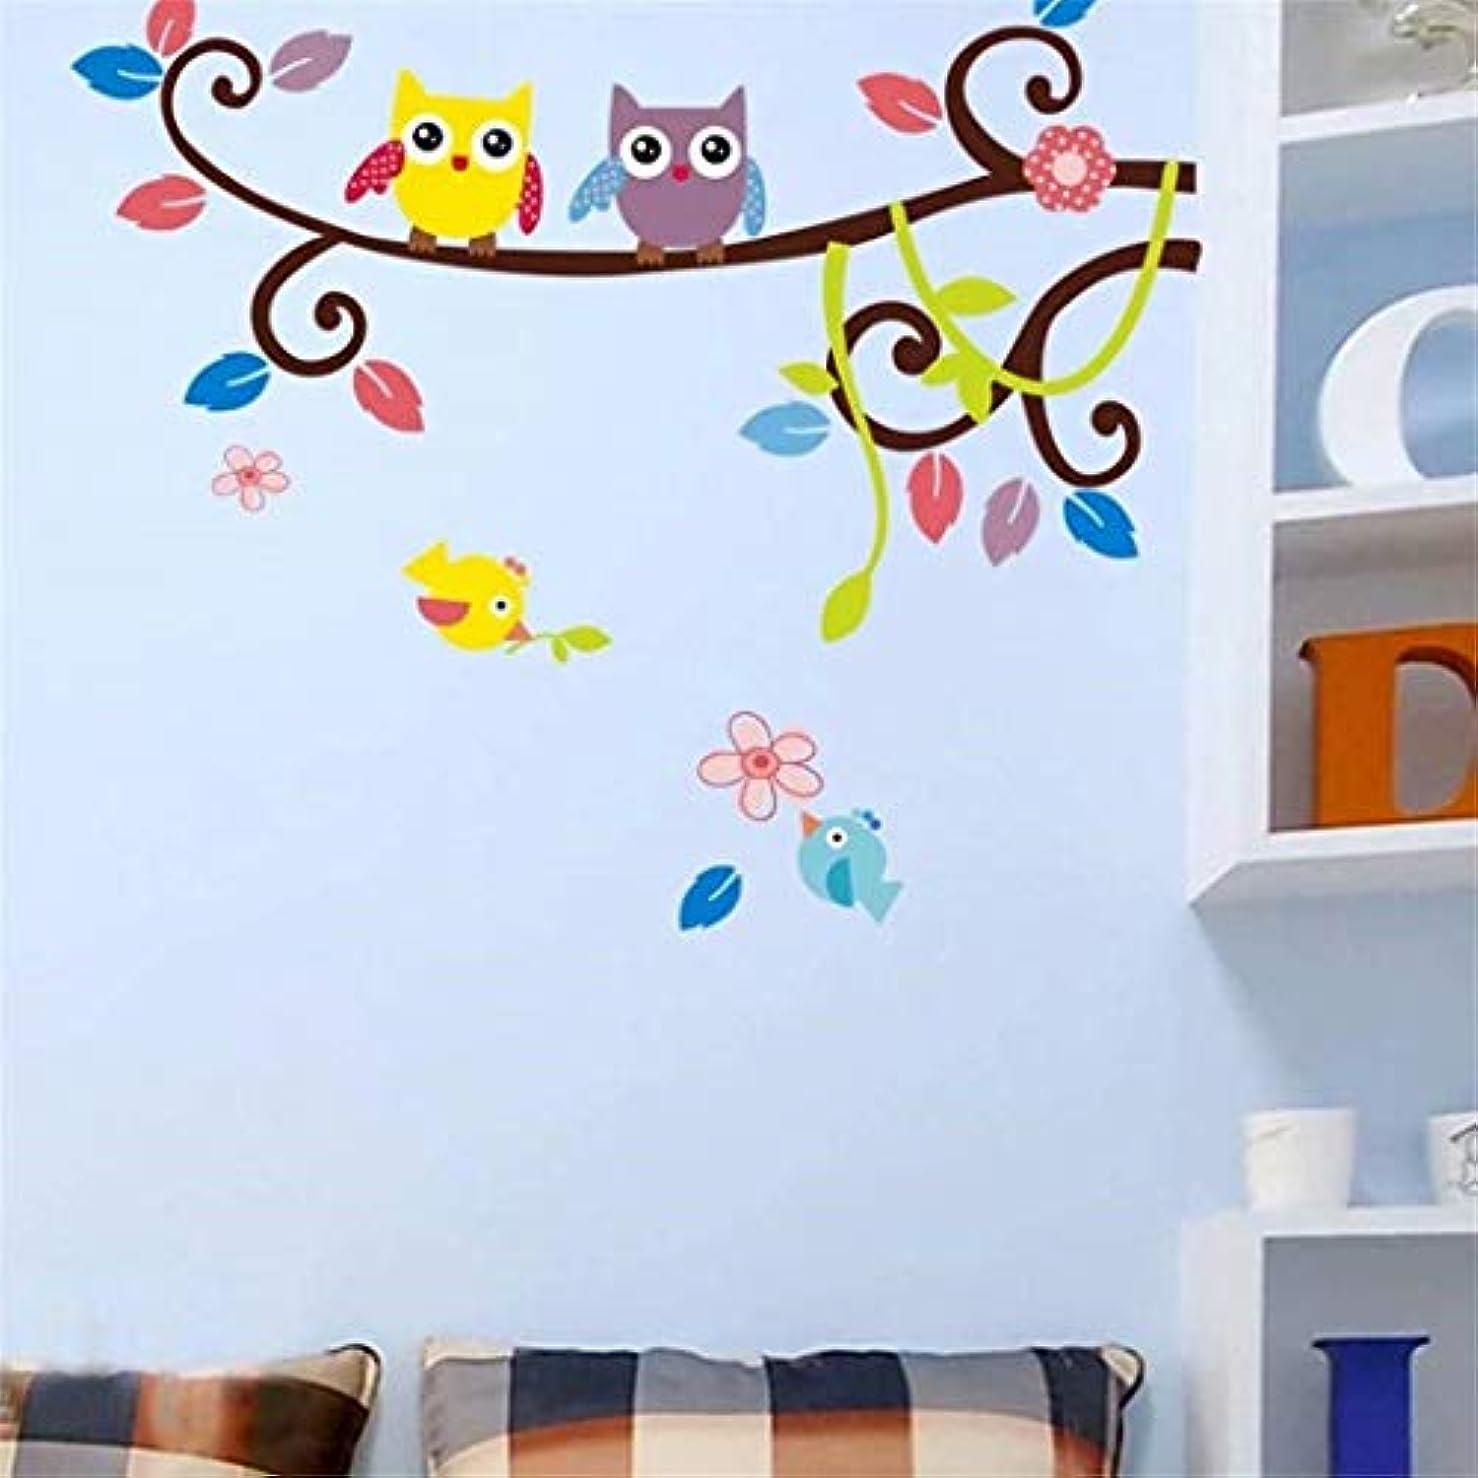 襲撃直感安いです七里の香 木の漫画の子供の部屋壁飾りウォールステッカー壁の壁画上フクロウ